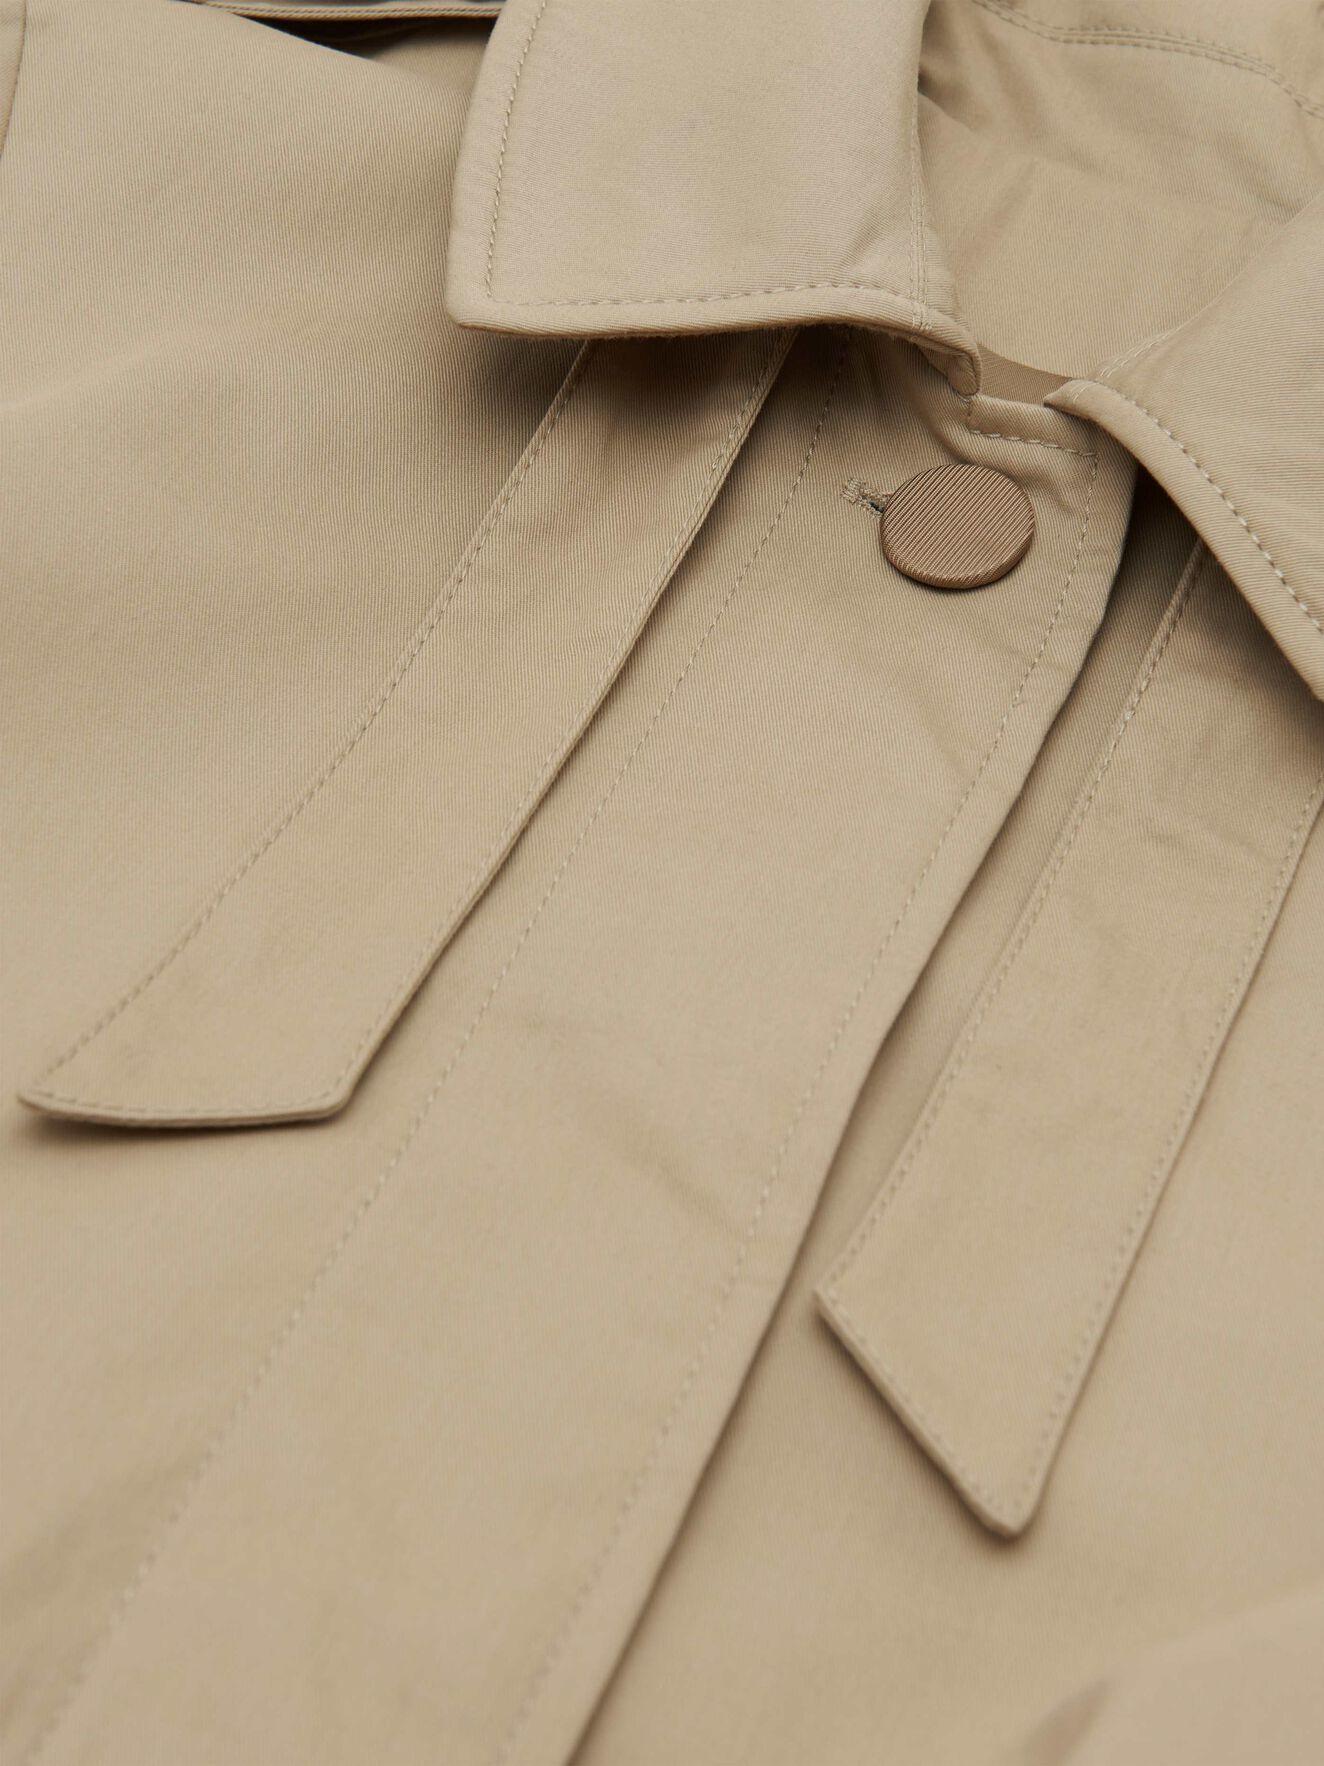 Torii Coat in Irish Cream from Tiger of Sweden